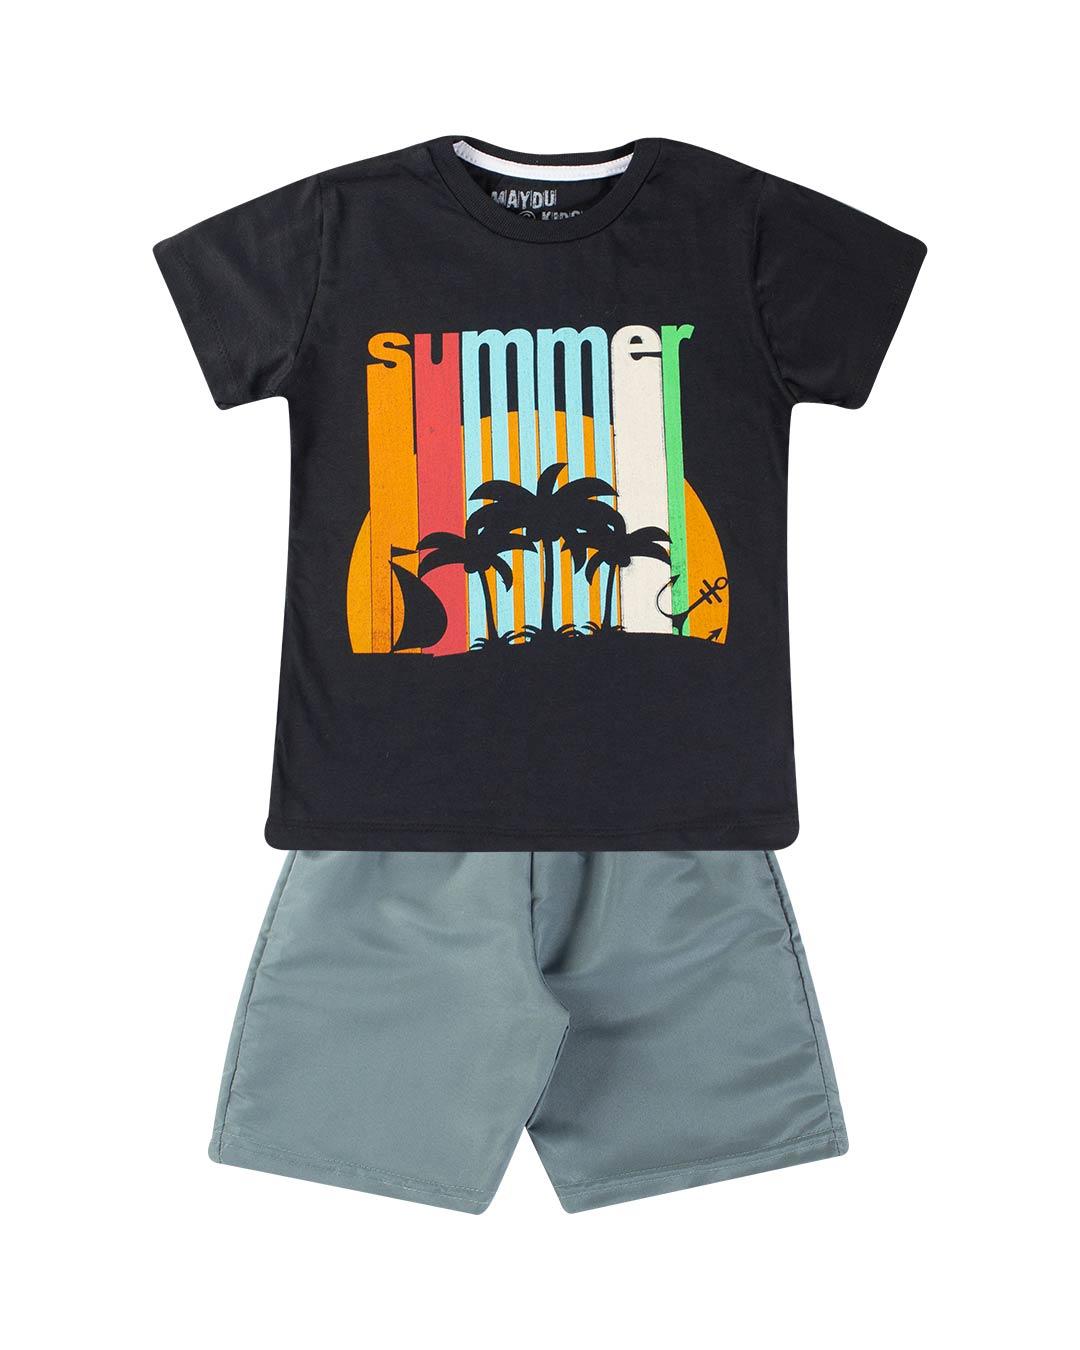 Conjunto Infantil Summer - Maydu Kids